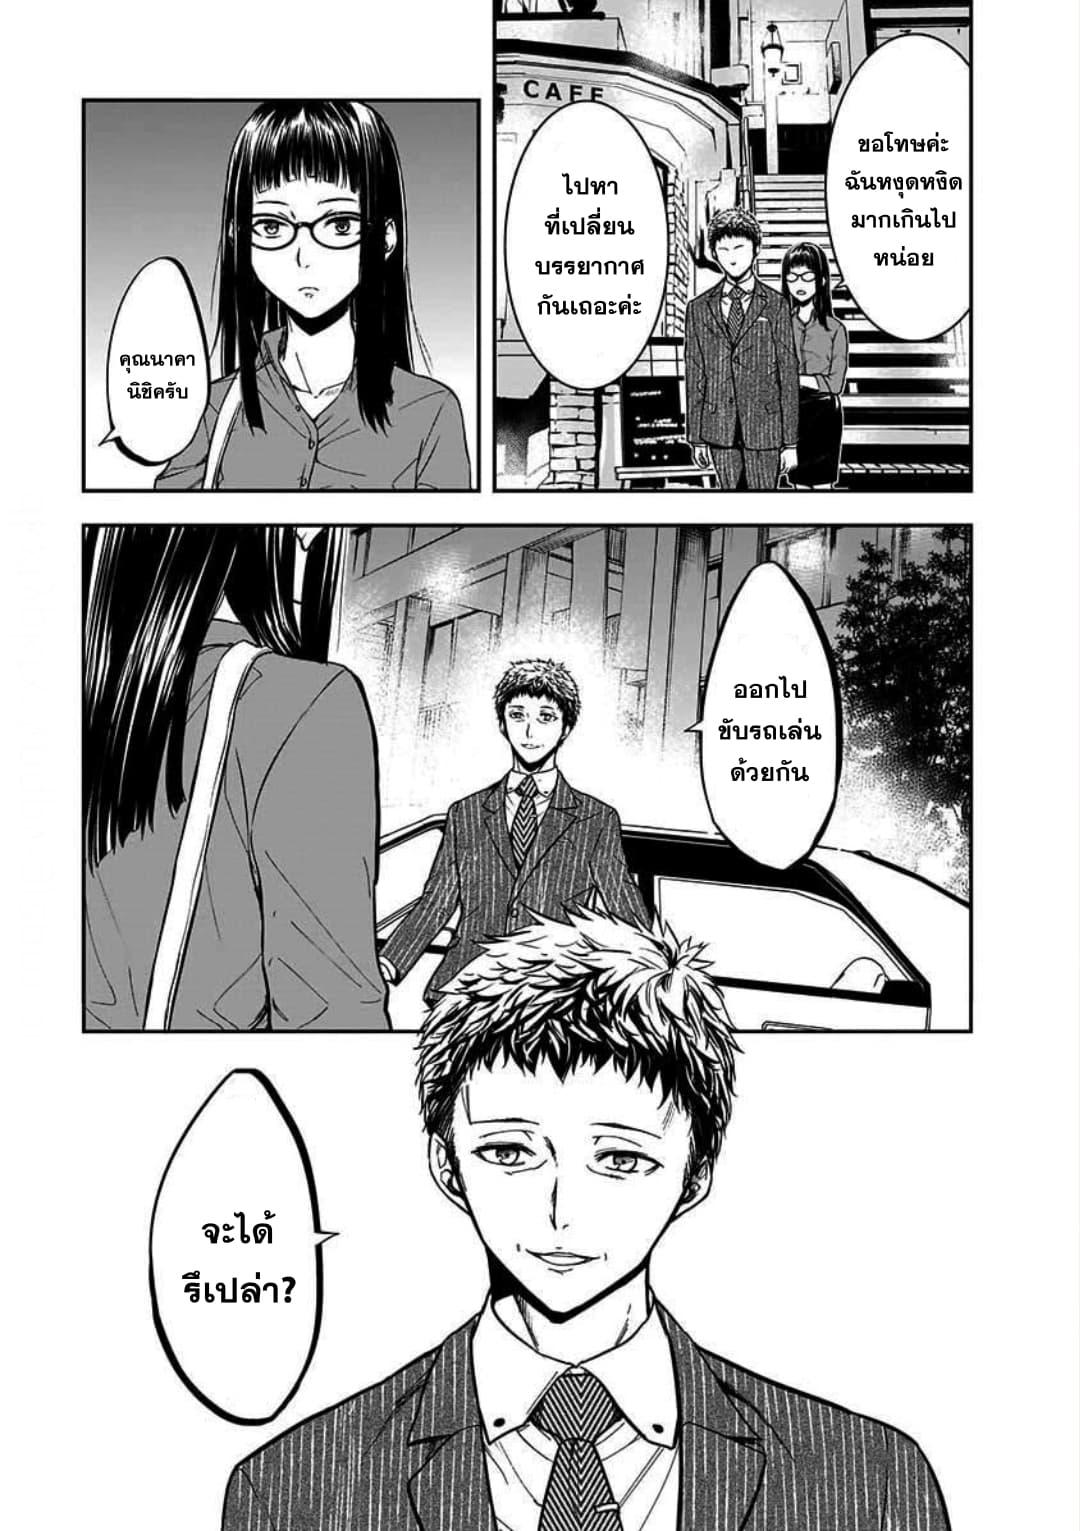 อ่านการ์ตูน Kanojo Gacha ตอนที่ 5 หน้าที่ 15